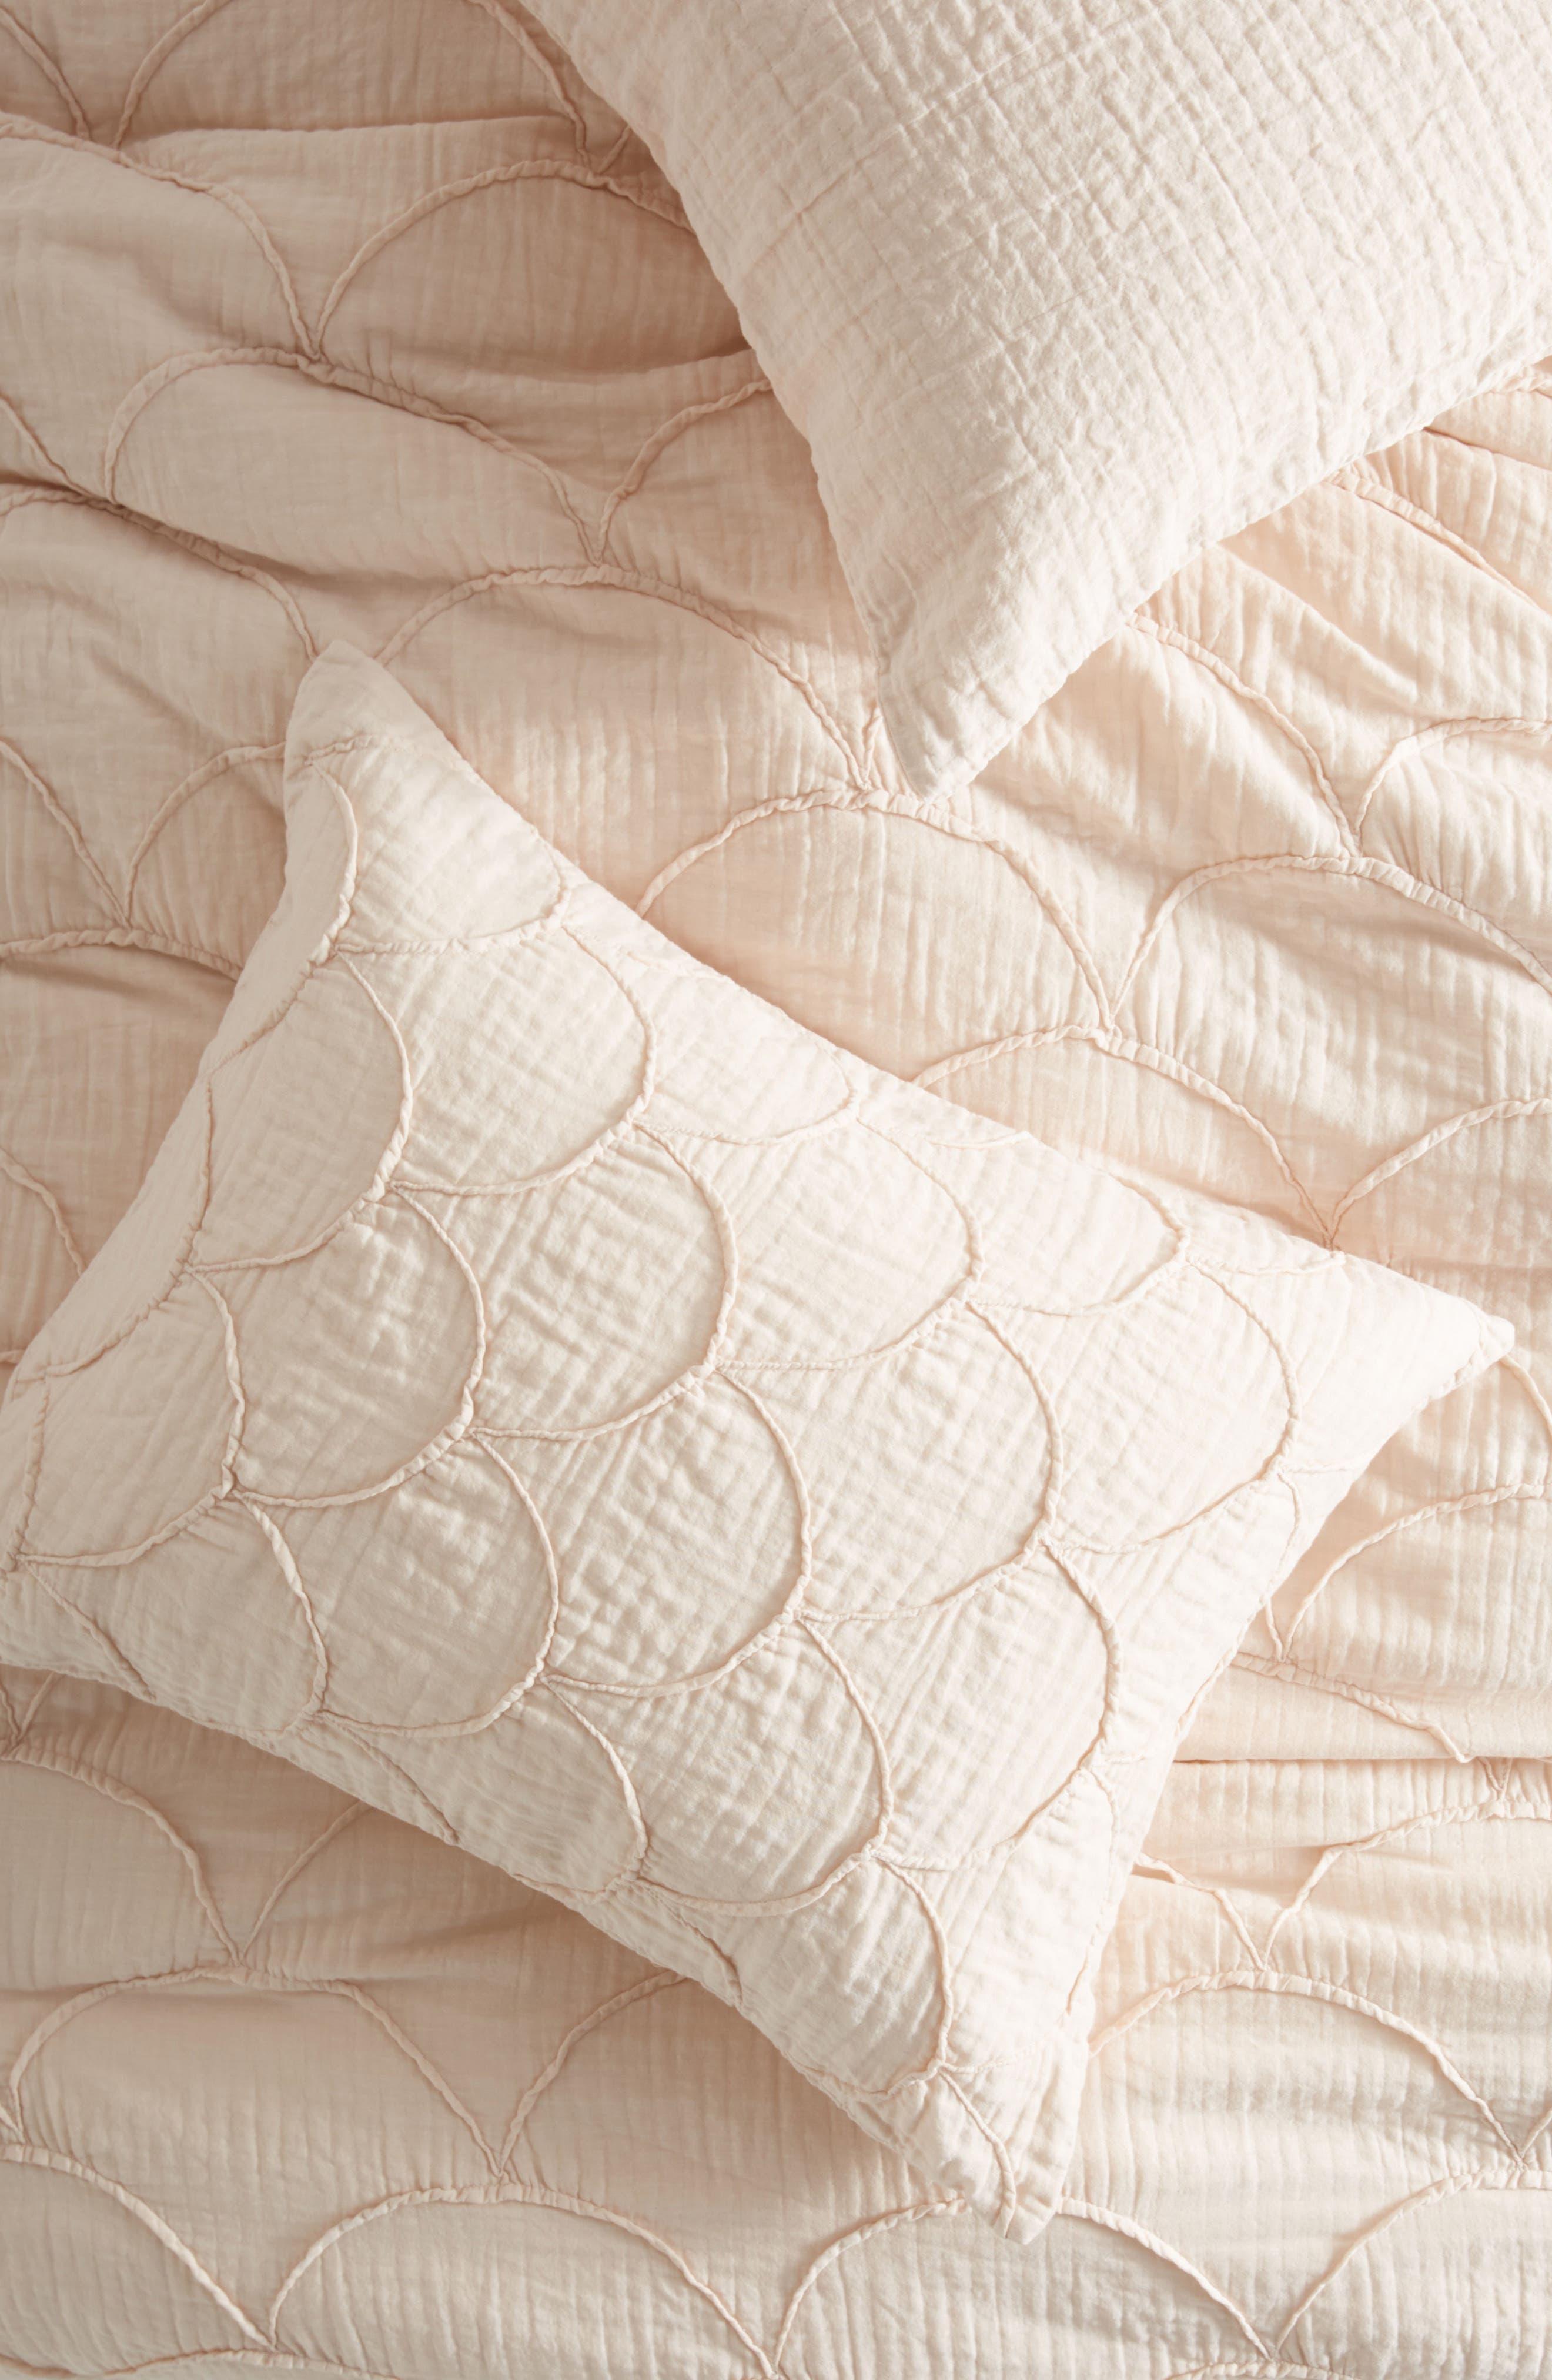 Anthropologie Riji Pillow Shams